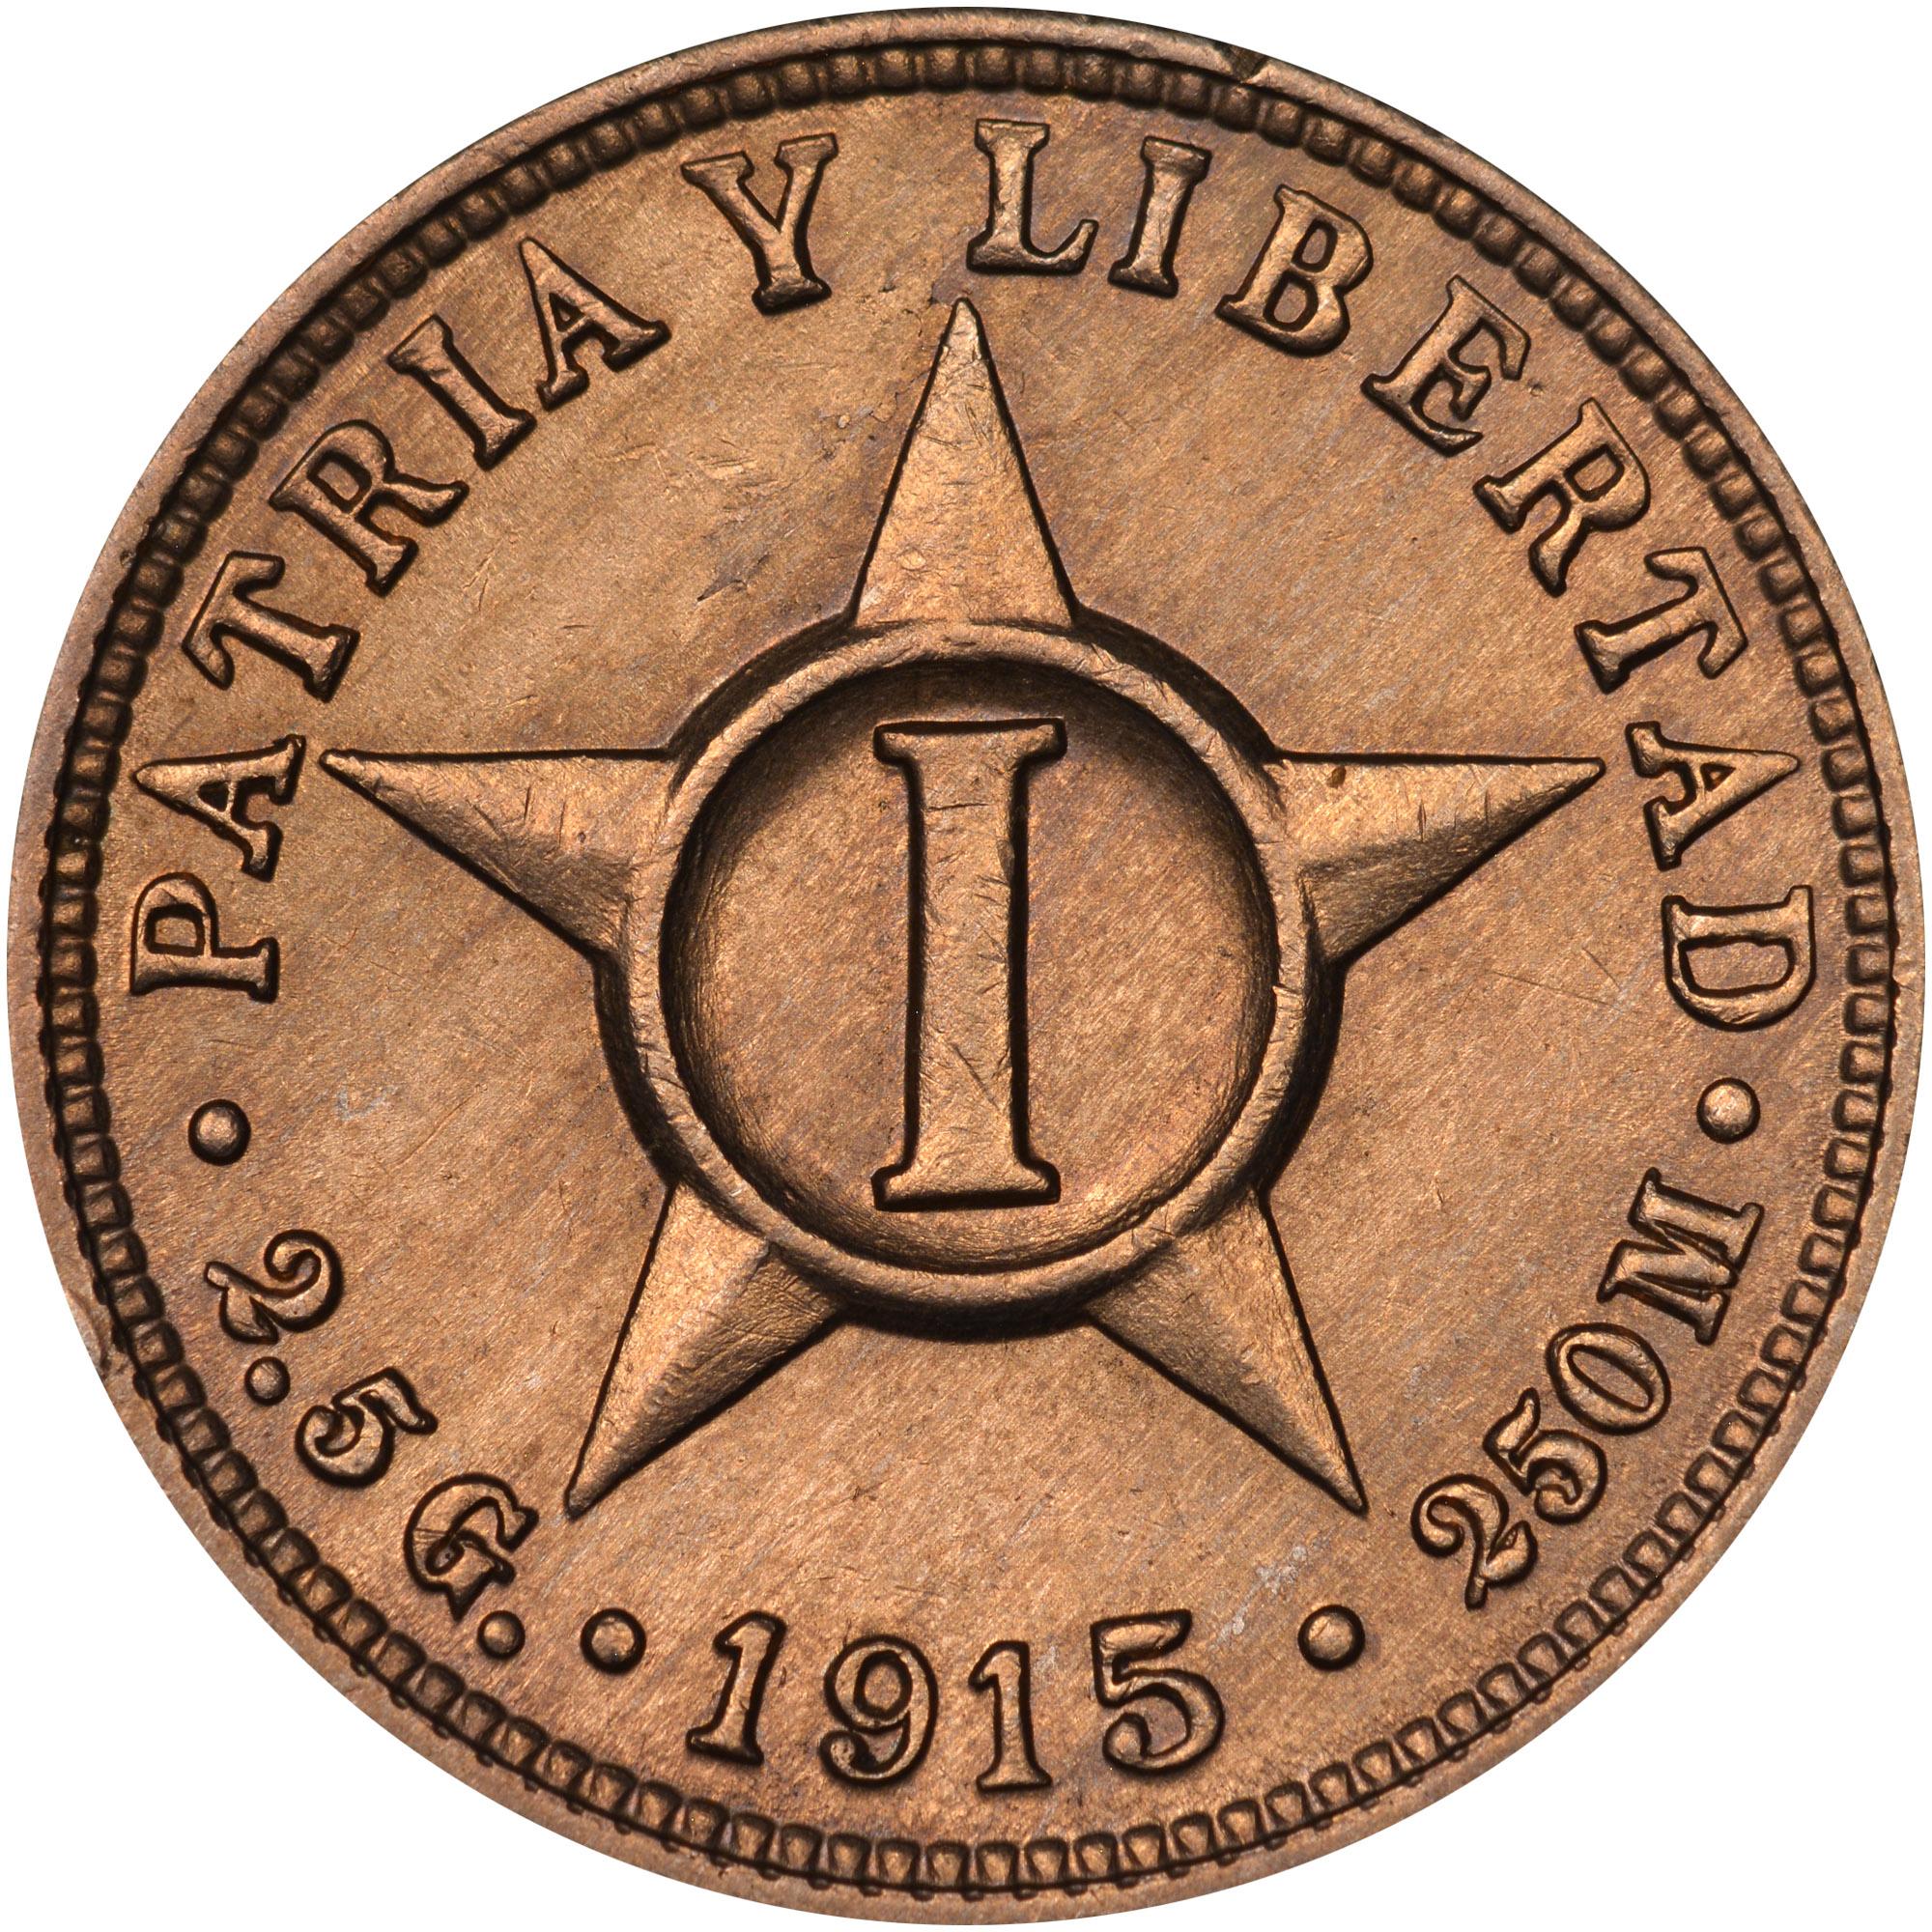 1915-1938 Cuba Centavo reverse